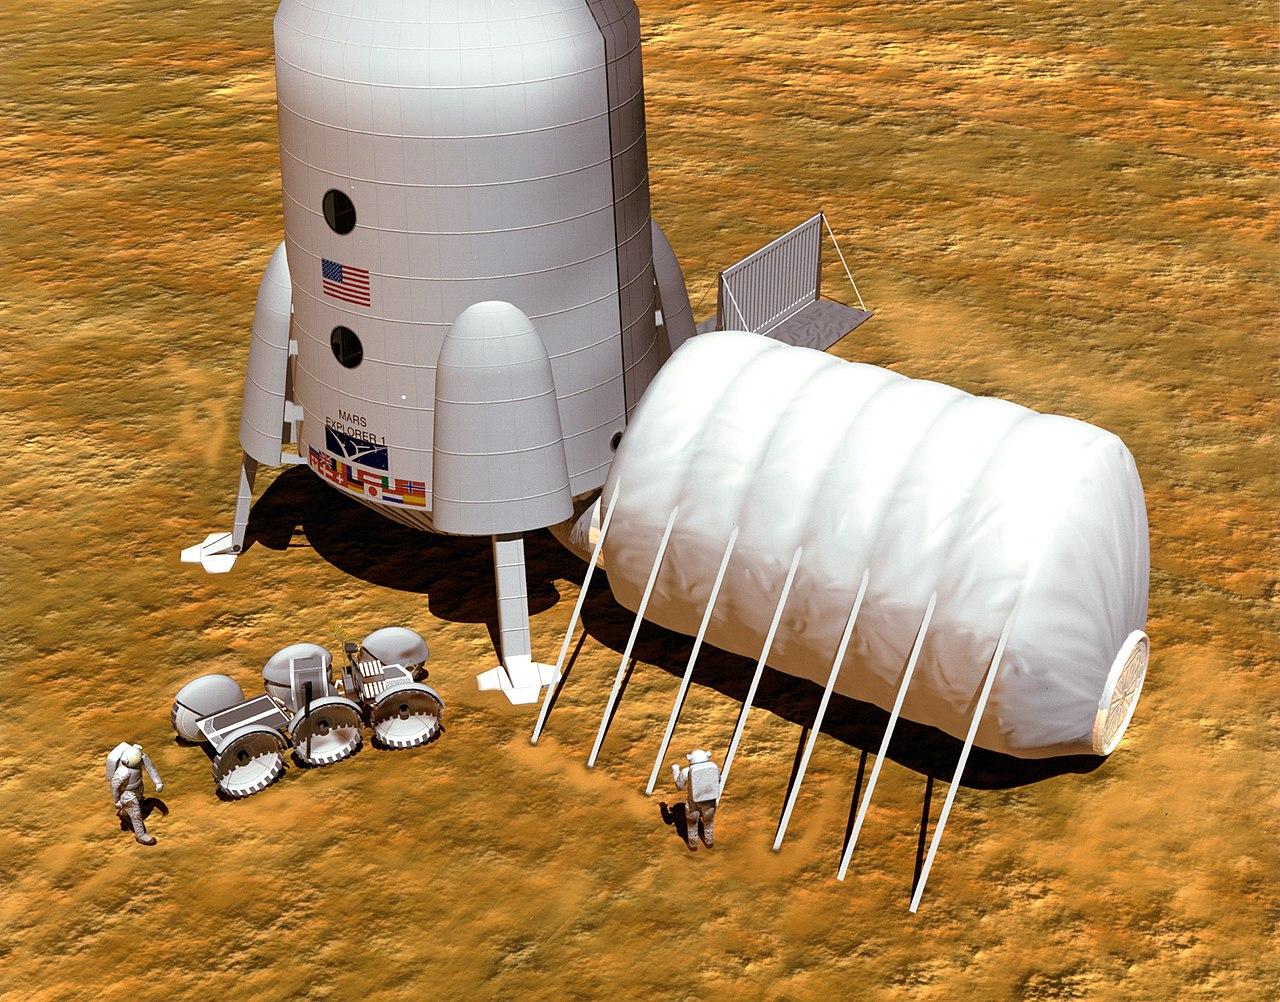 Колонизация Марса больше похожа на рекламную кампанию американских ракет и технологий